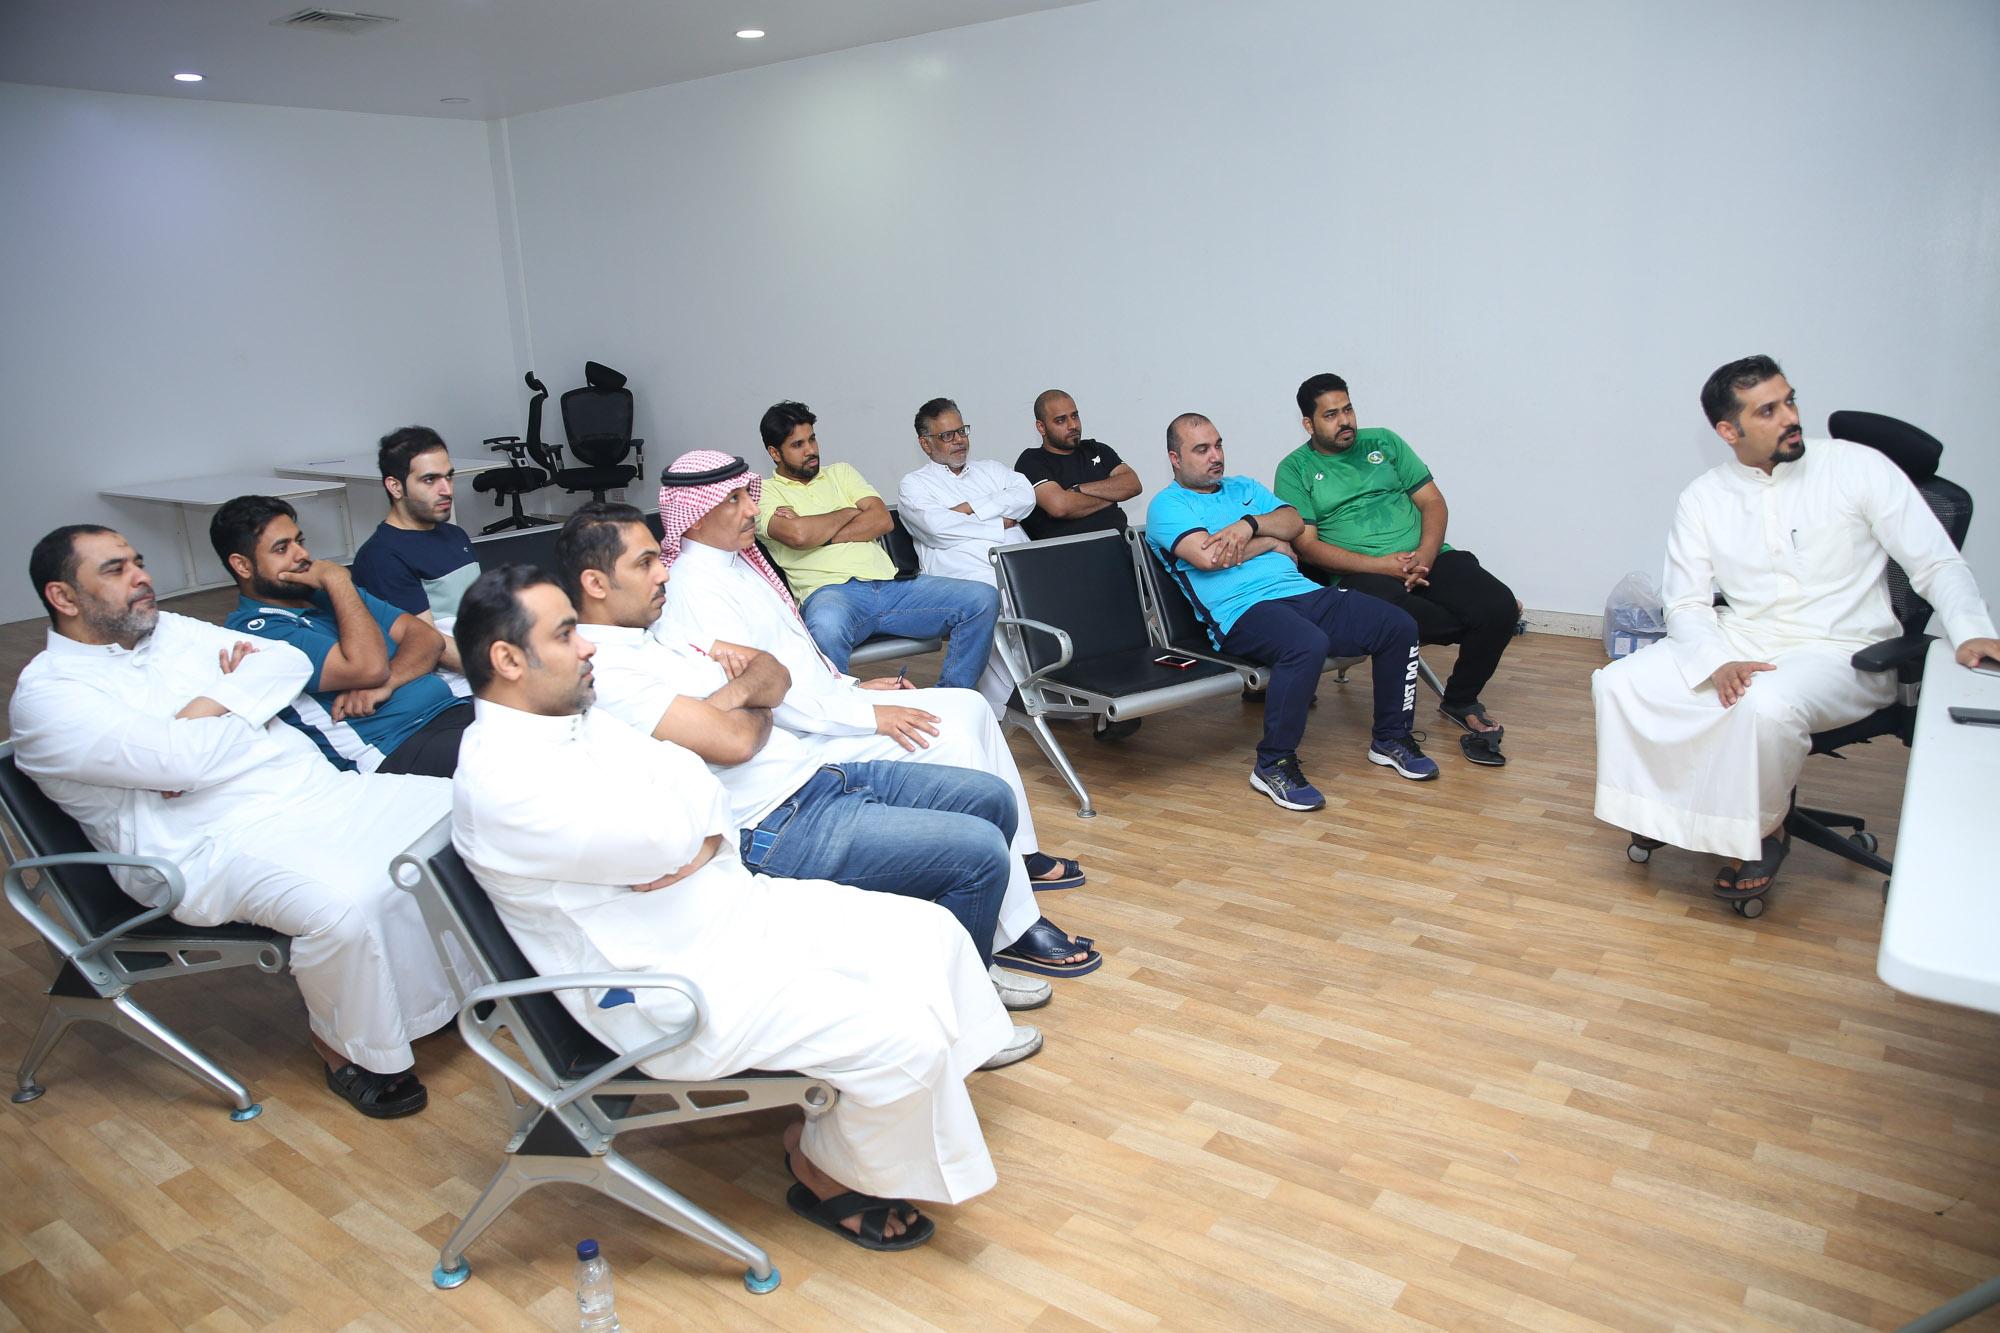 •  استعراض آلية استراتيجية دعم الهيئة العامة للرياضة على مسؤولي ألعاب نادي الخليج